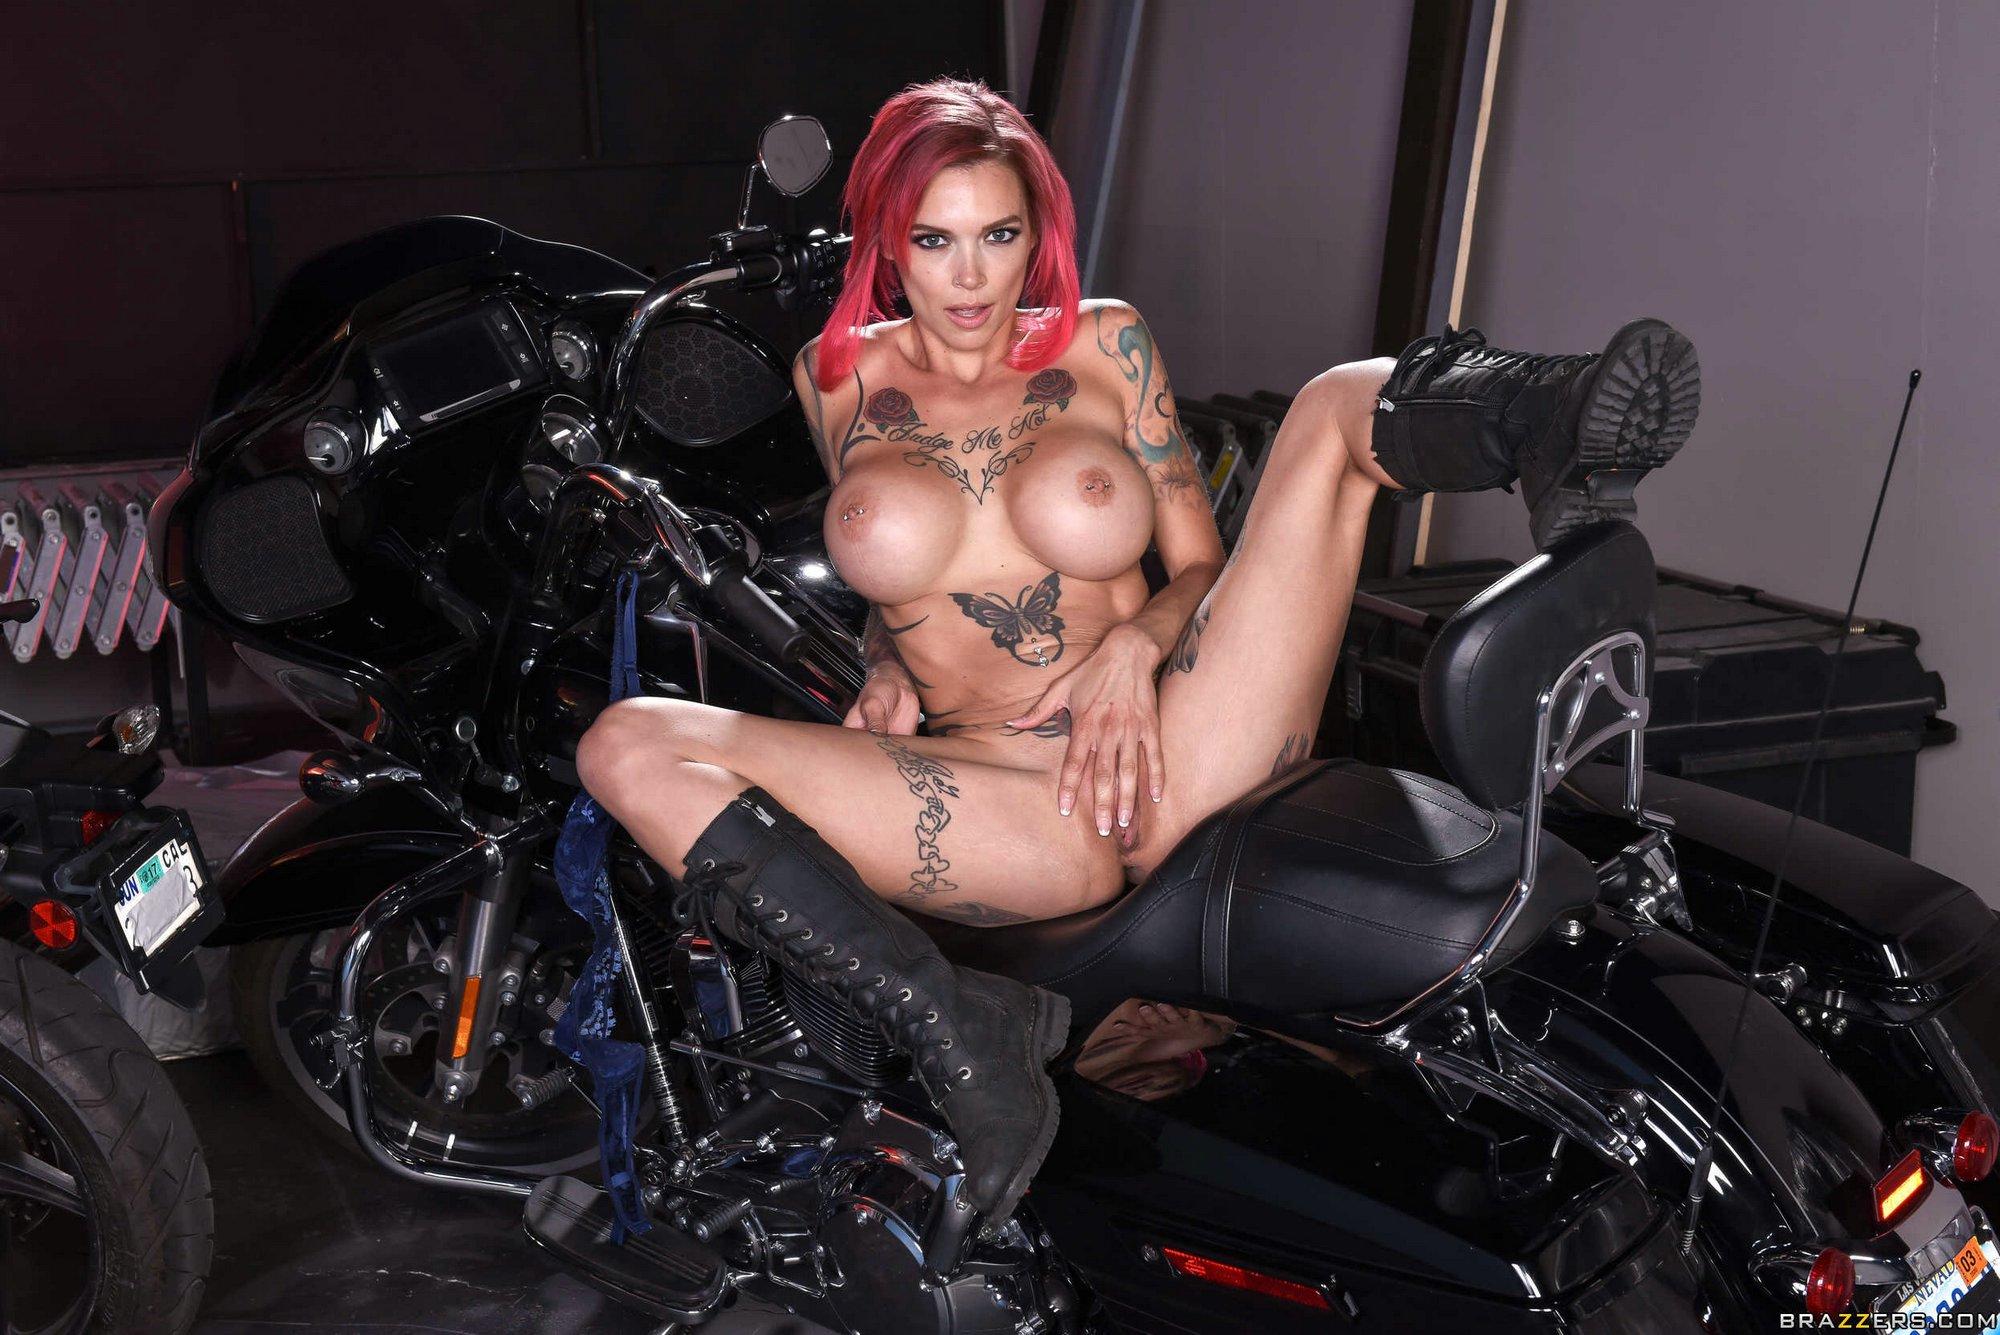 Porno Lesbienne Motard